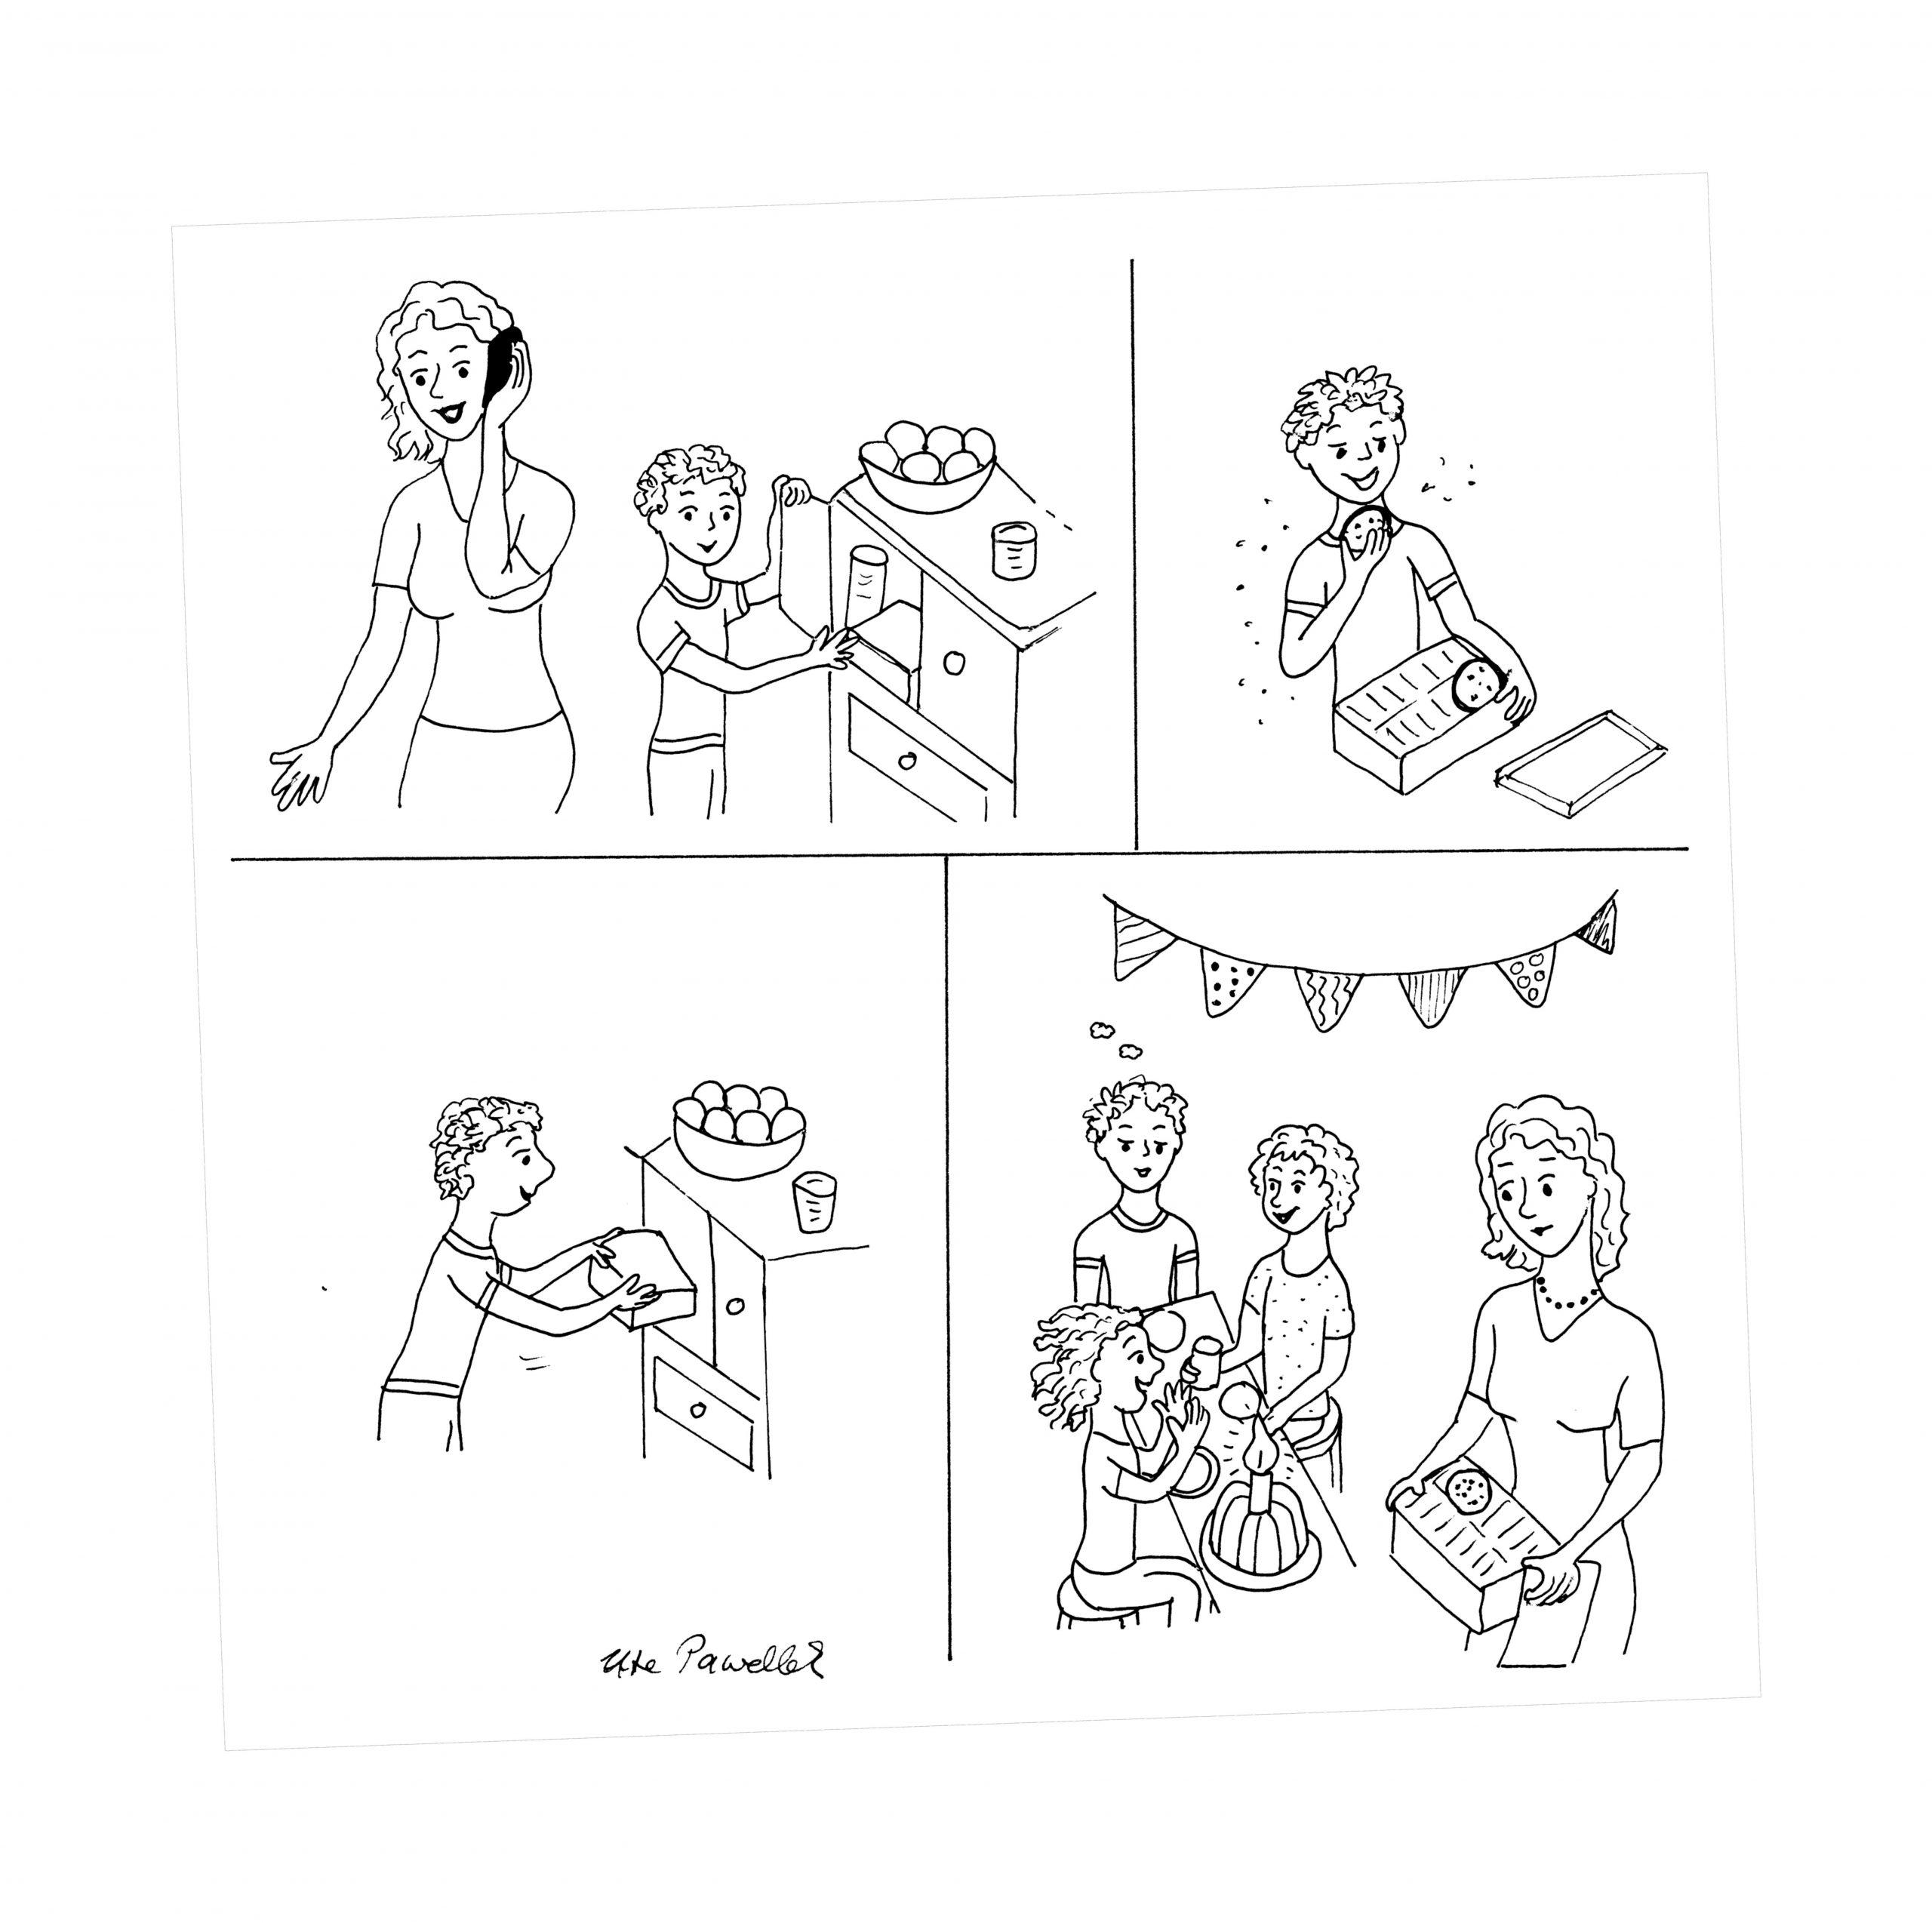 Bildergeschichte Aufgabe Klasse 3: Süße Versuchung (Mit über Aufsatz Bildergeschichte 3 Klasse Kostenlos